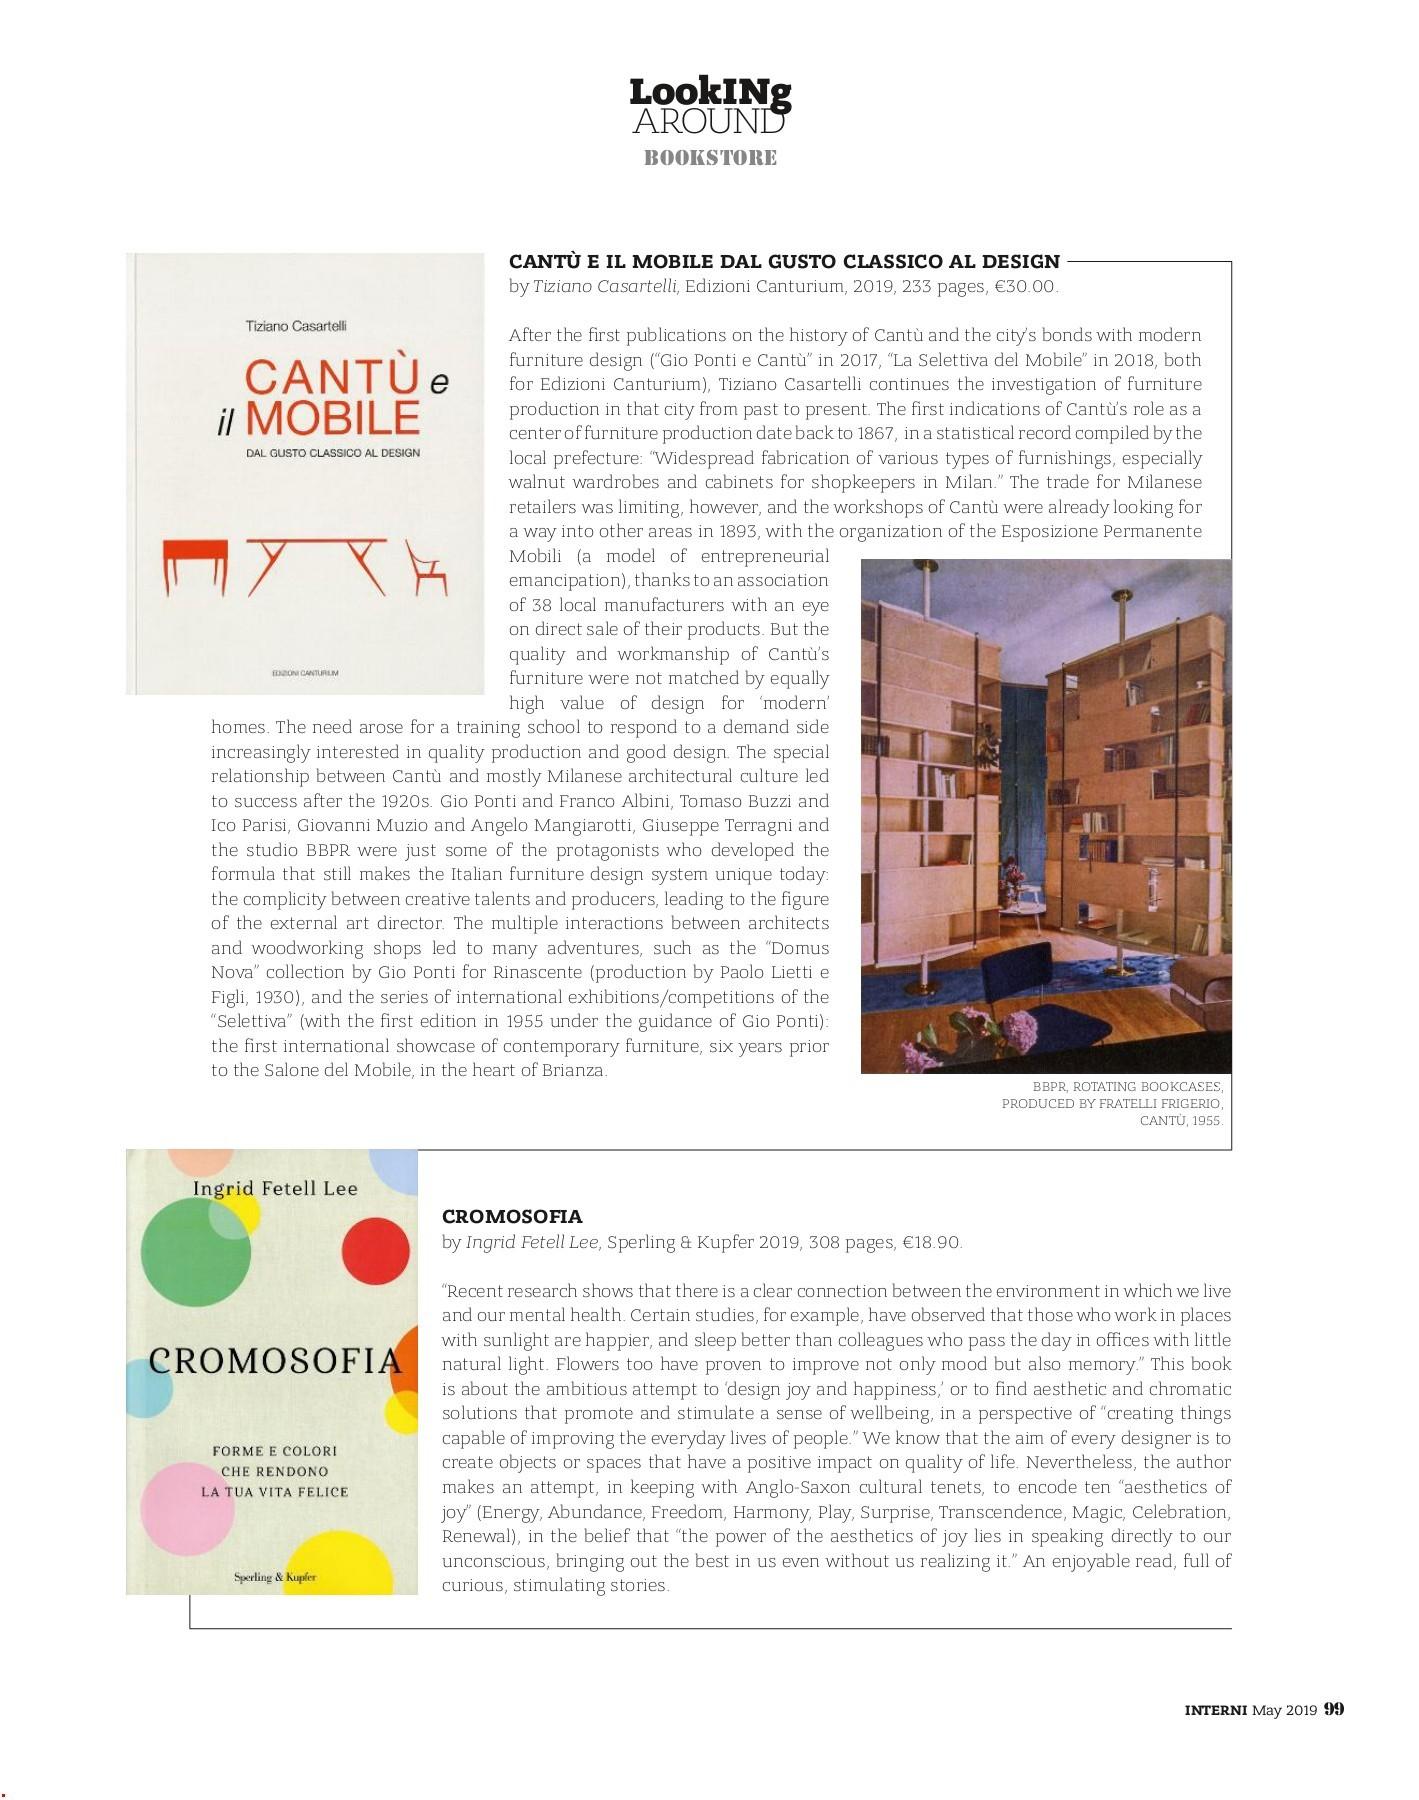 Ametista Dove Trovarla interni_italia__maggio_2019-flip book pages 101-150 | pubhtml5